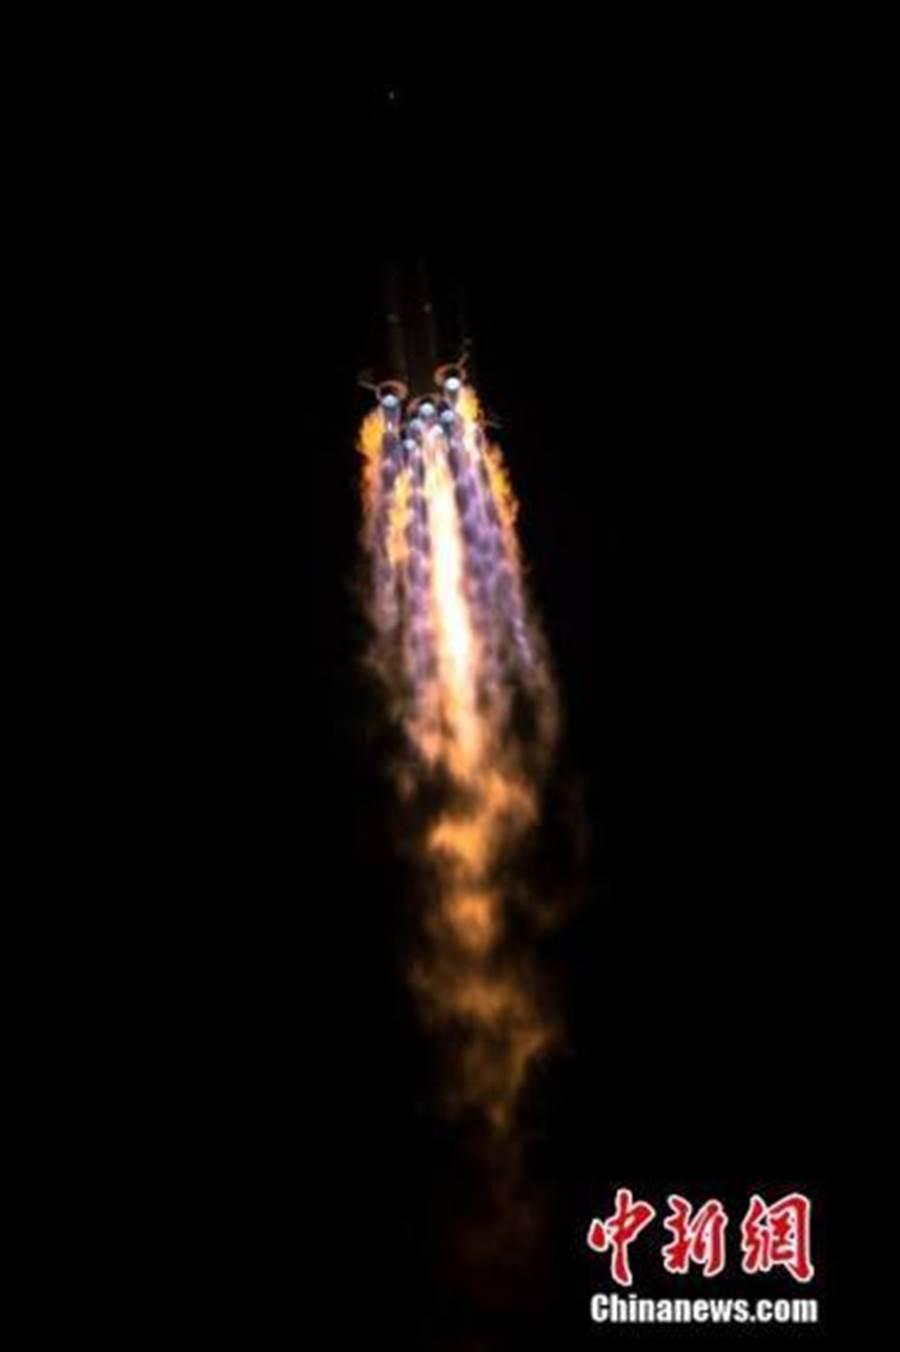 今天凌晨5時10分,大陸在西昌衛星發射中心用長征三號乙運載火箭及配套遠征一號,以「一箭雙星」方式成功發射第47、48顆北斗導航衛星。(照片取自中新網)